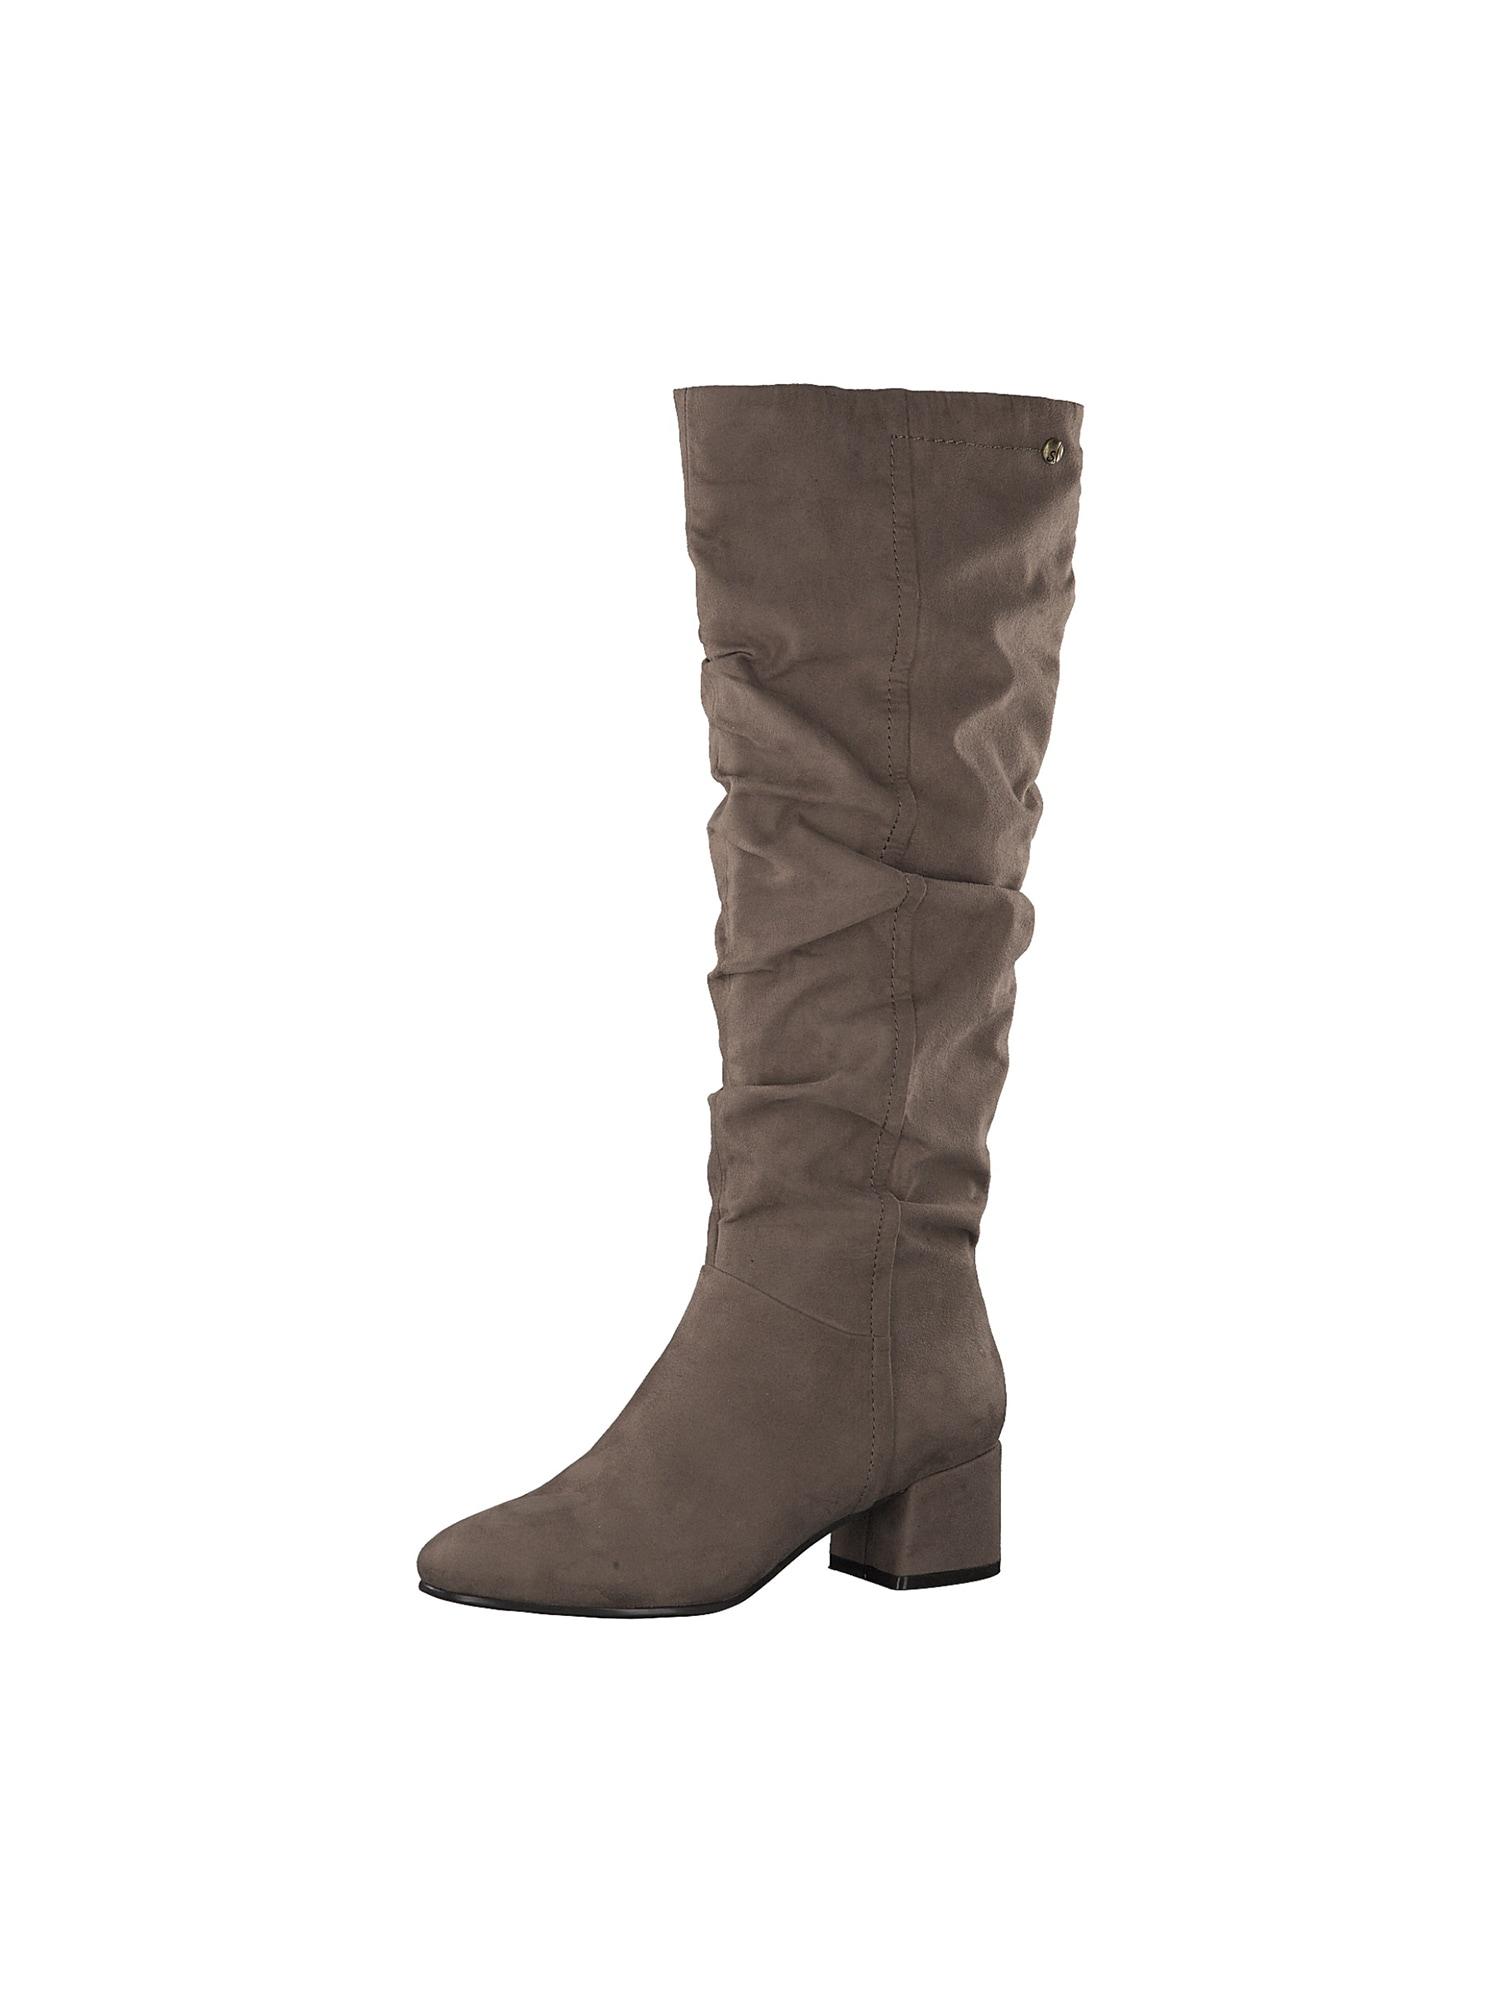 Stiefel | Schuhe > Stiefel > Sonstige Stiefel | S.Oliver